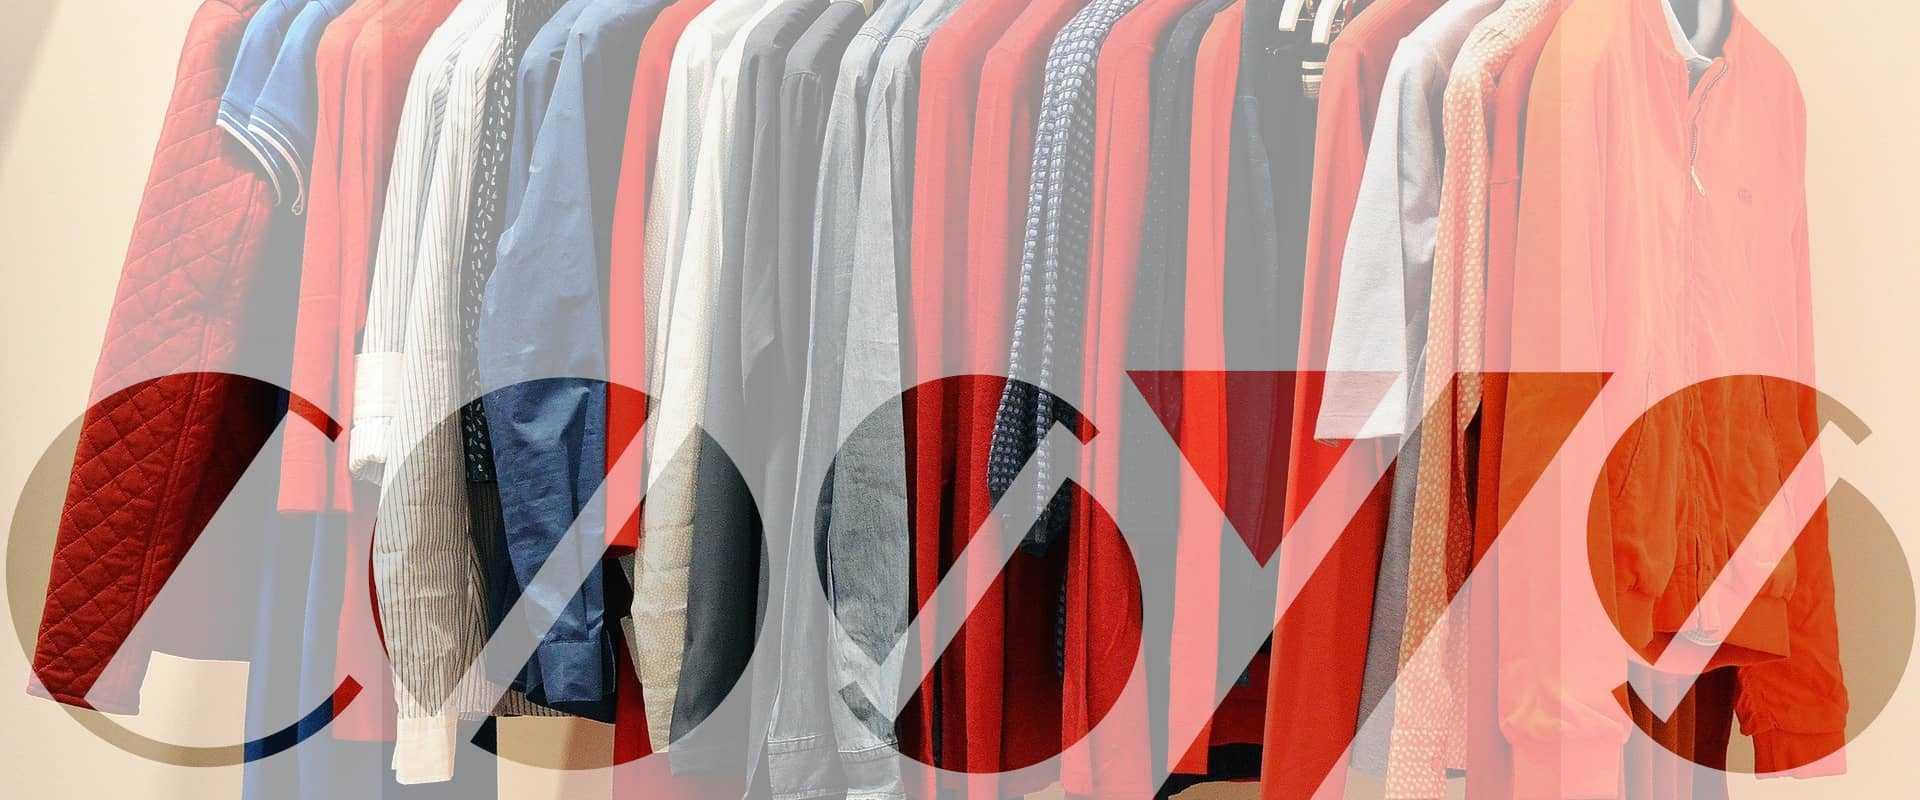 COSYS POS Software für den Textil Einzelhandel